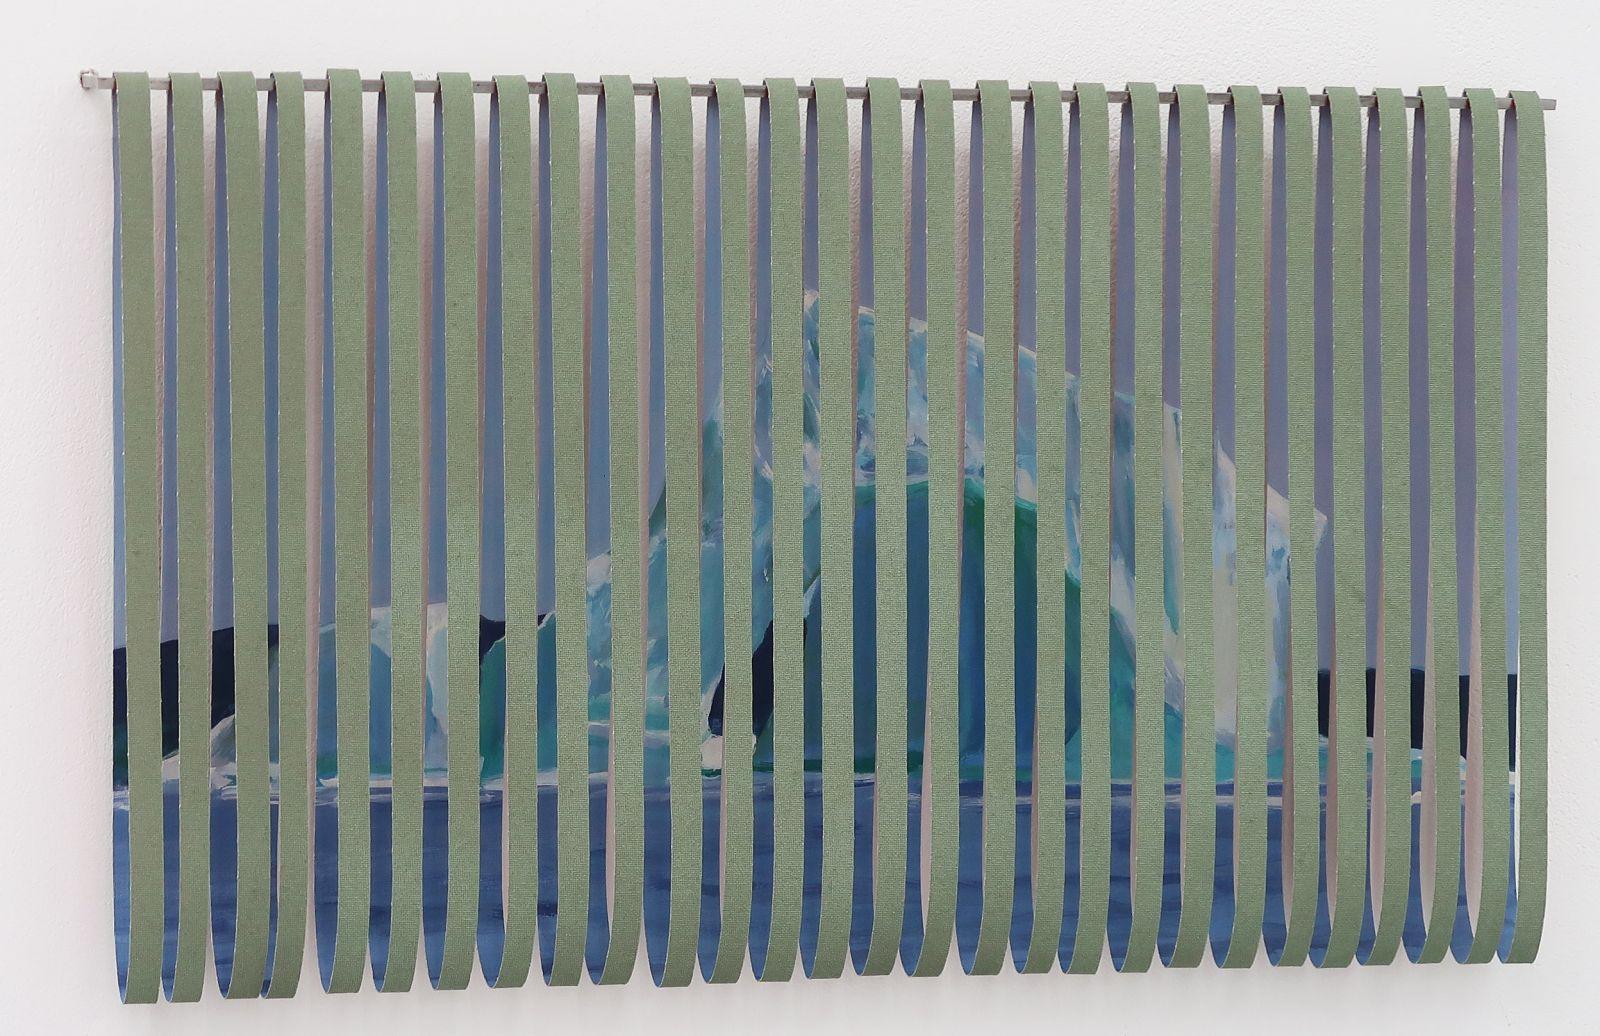 cdc-le-royaume-acrylique-sur-toile-51x29x3cm-2018-1100e-0869b5d4b10a6ca30511efe55af0187a